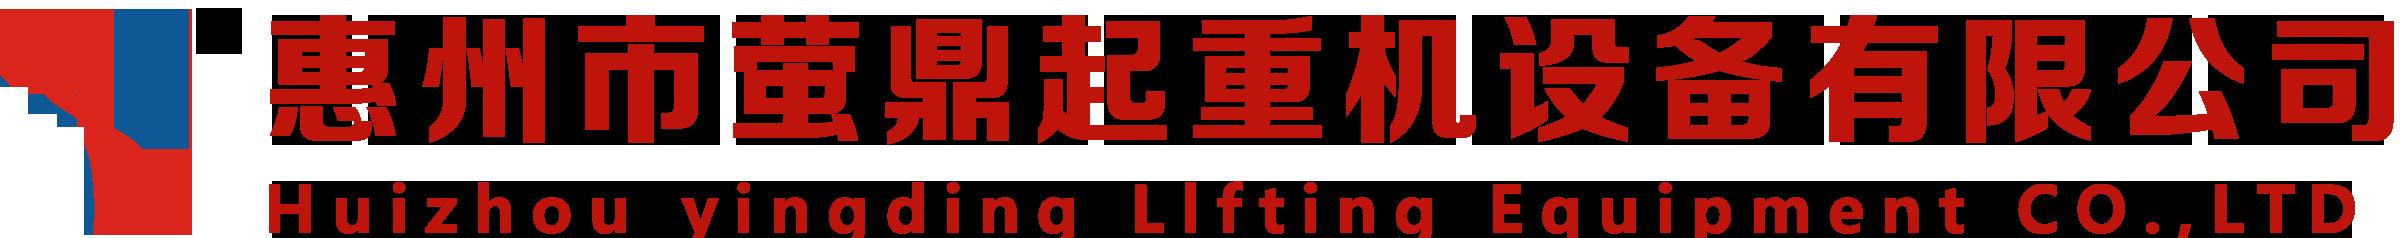 惠州市宏鼎起重設備有限公司